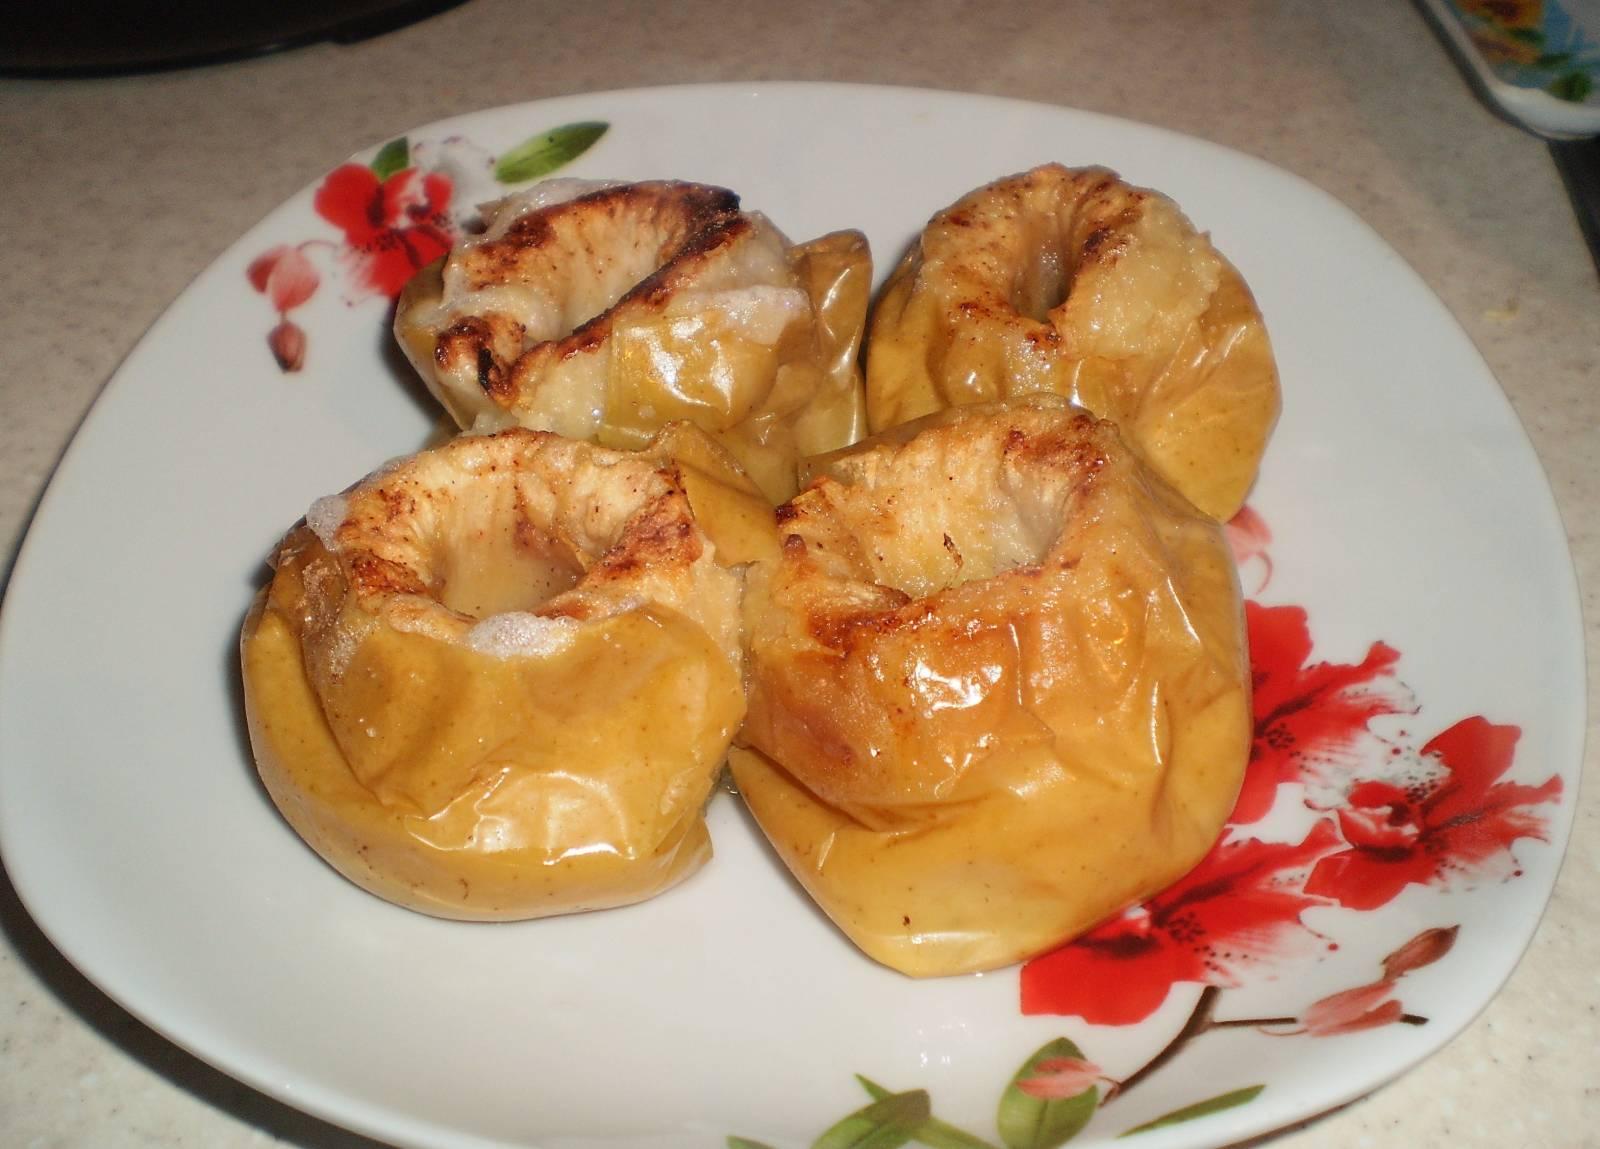 Яблоки наиболее безопасны, их можно кушать в печеном виде с добавлением корицы